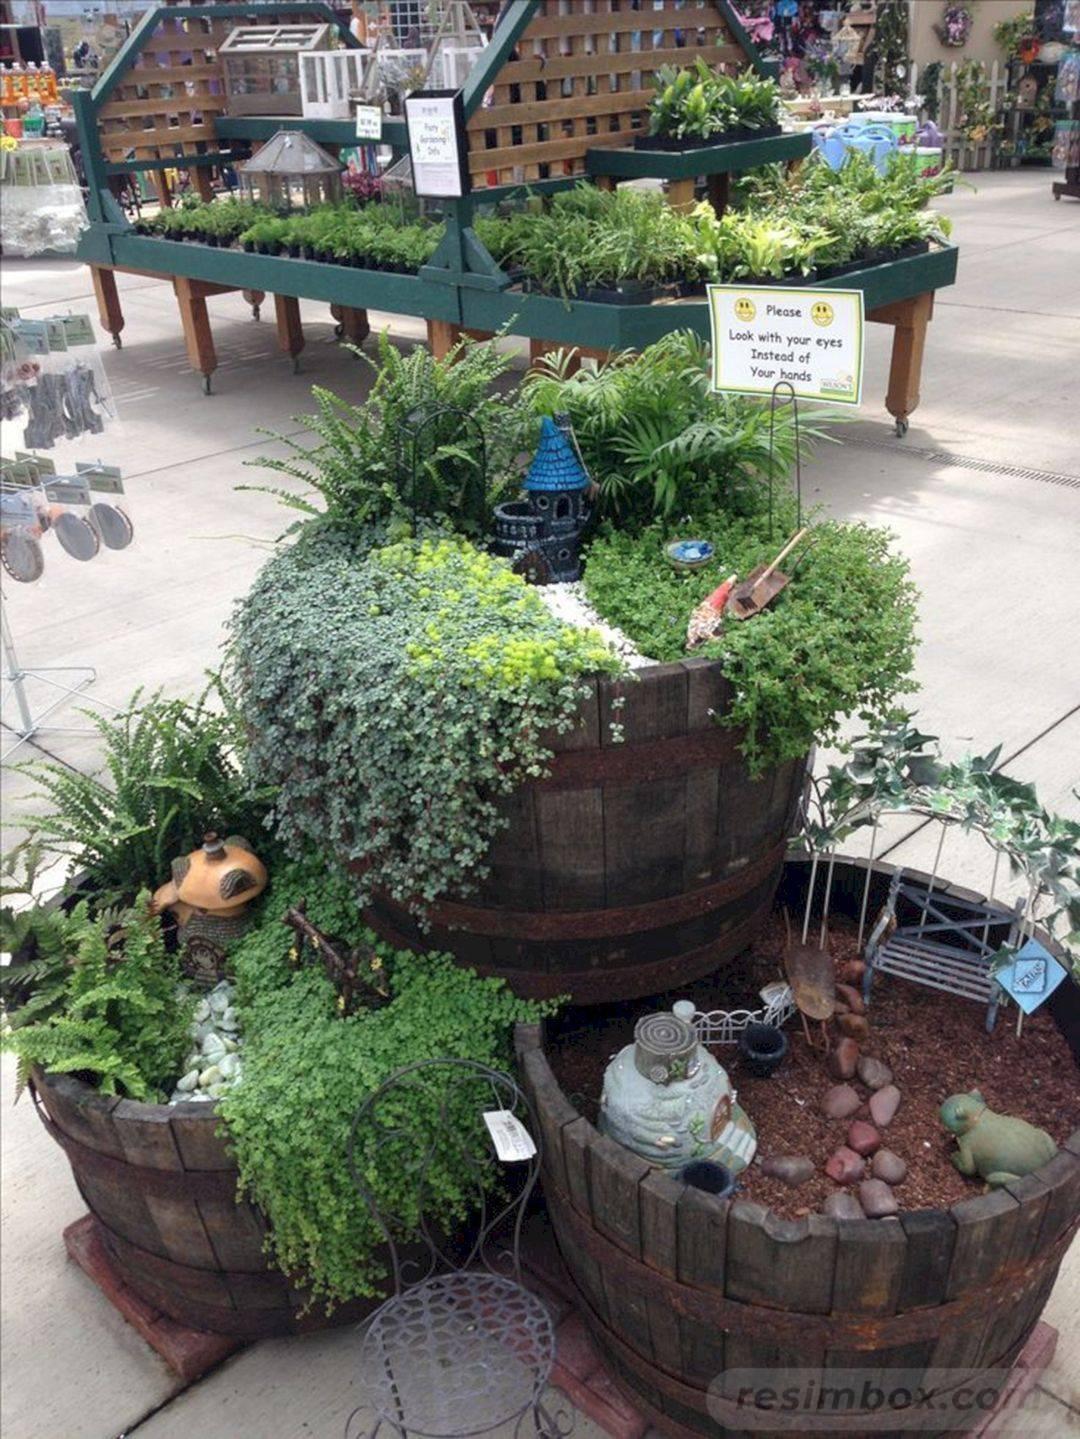 diy easy garden ideas-413627547017522556